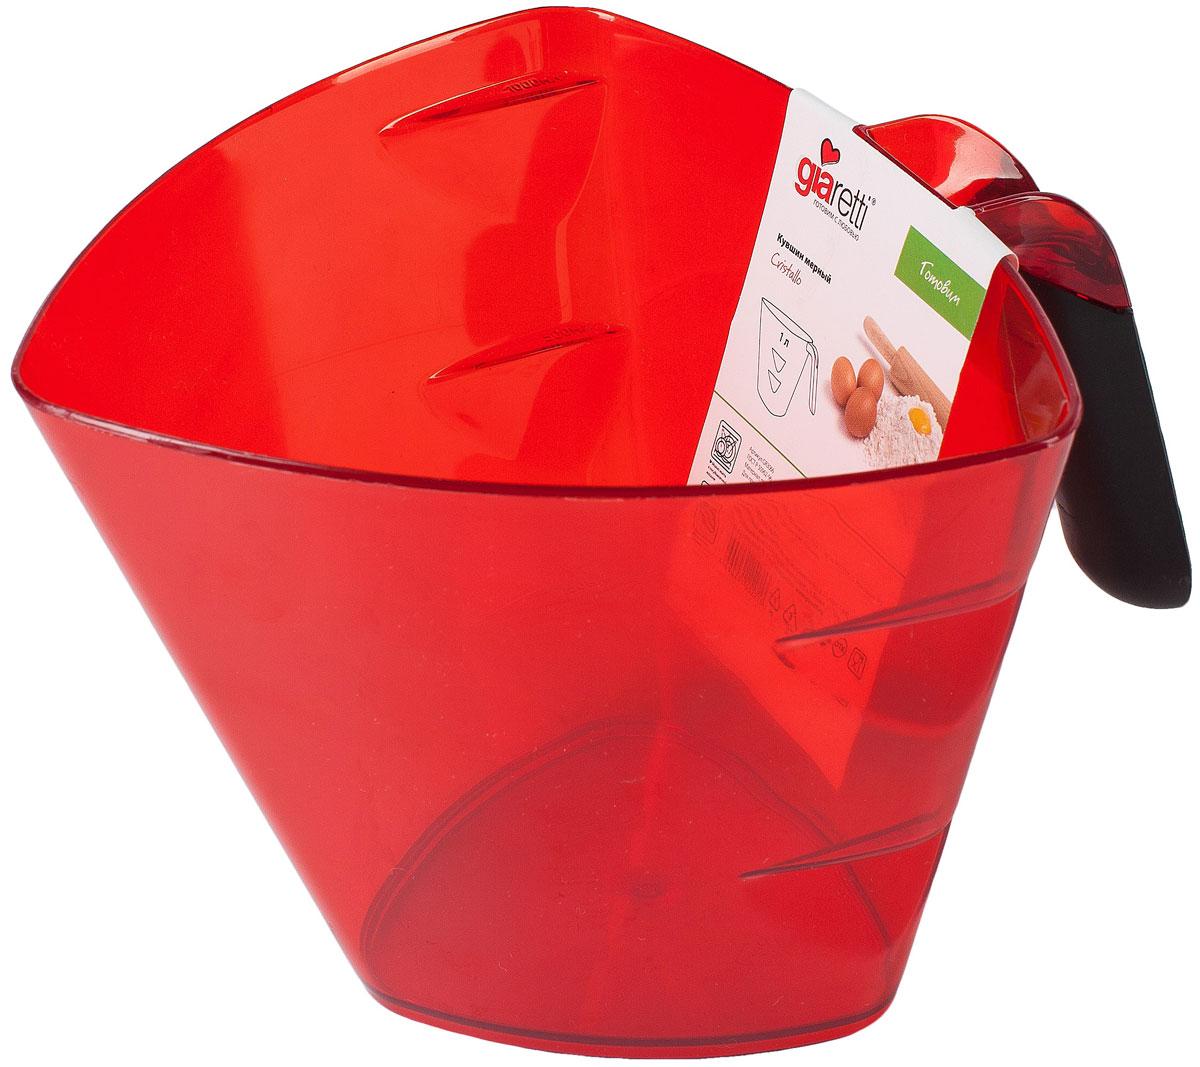 Кувшин мерный Giaretti Cristallo, цвет: красный, 0,5 лGR3065Мерный кувшин Giaretti Cristallo, изготовленный из высококачественного пластика,вдохновляет на кулинарные победы своим ярким цветом ипривлекательным дизайном. На внутренние стенки кувшина нанесенамерная шкала. Кувшин оснащен носиком для удобного слива, а также эргономичной ручкойспротивоскользящейвставкой.Такой мерный кувшин придется по душе каждой хозяйке и станет незаменимым аксессуаромна кухне.